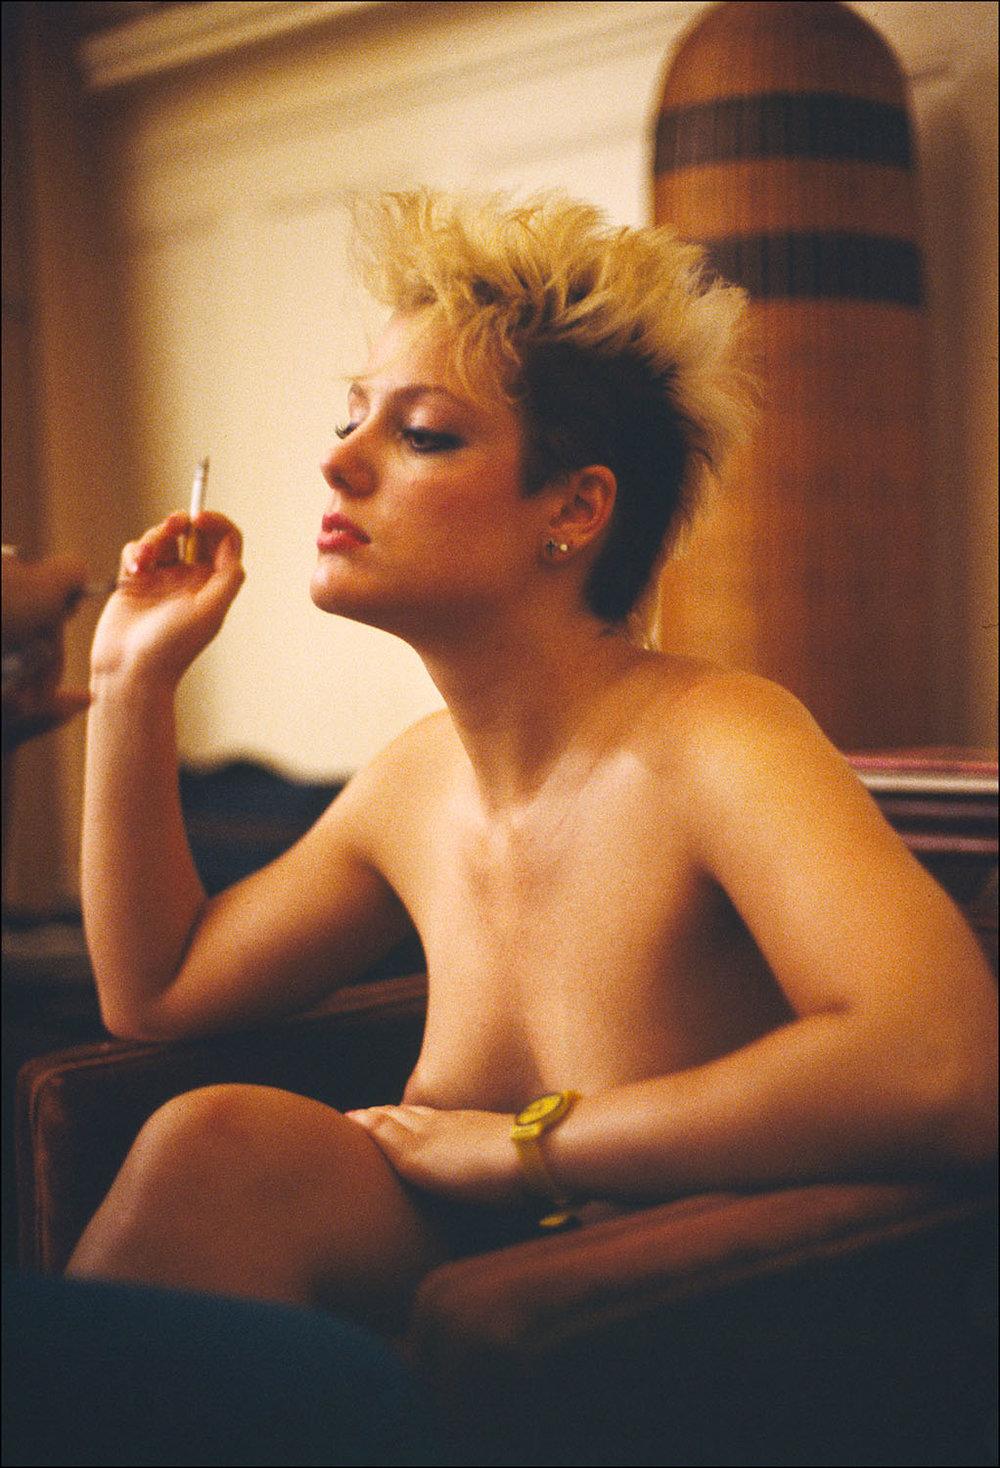 Jeanna Fine in Firebox, 1986